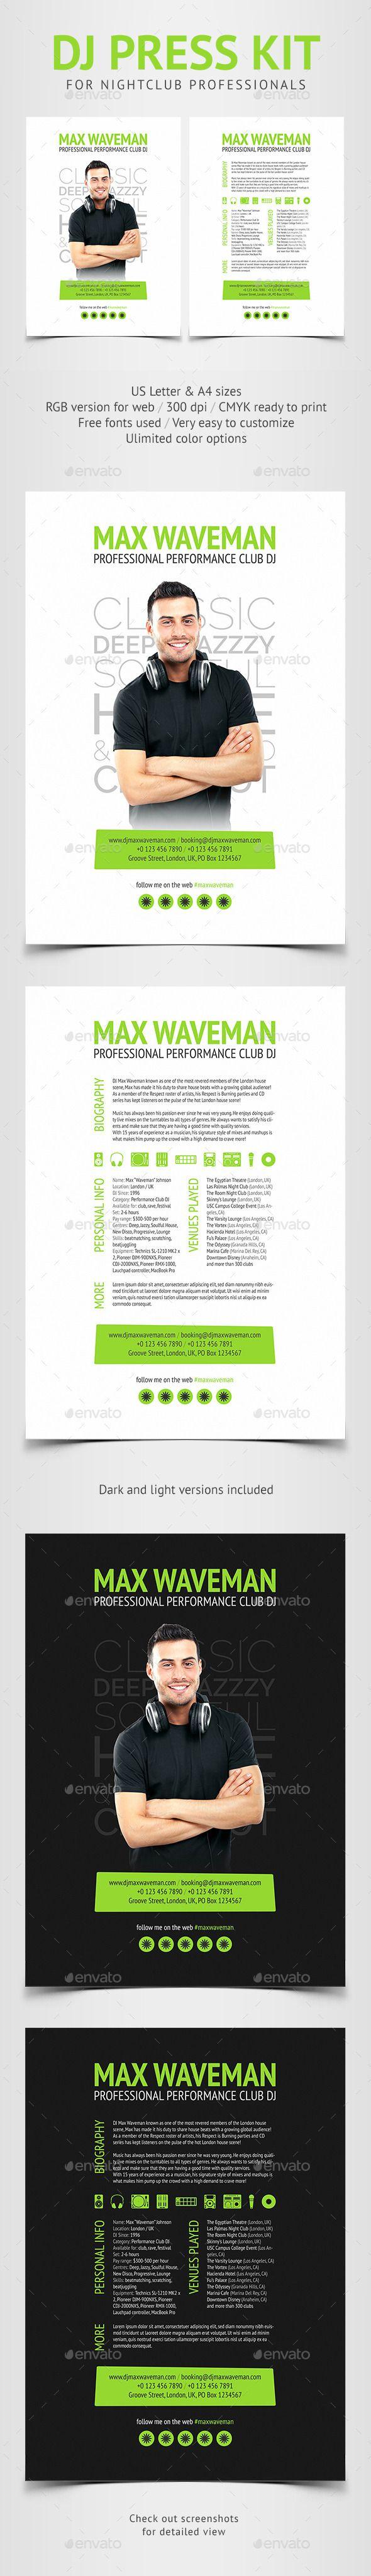 Groove  Dj Press Kit  Resume Psd Template  Press Kits Psd